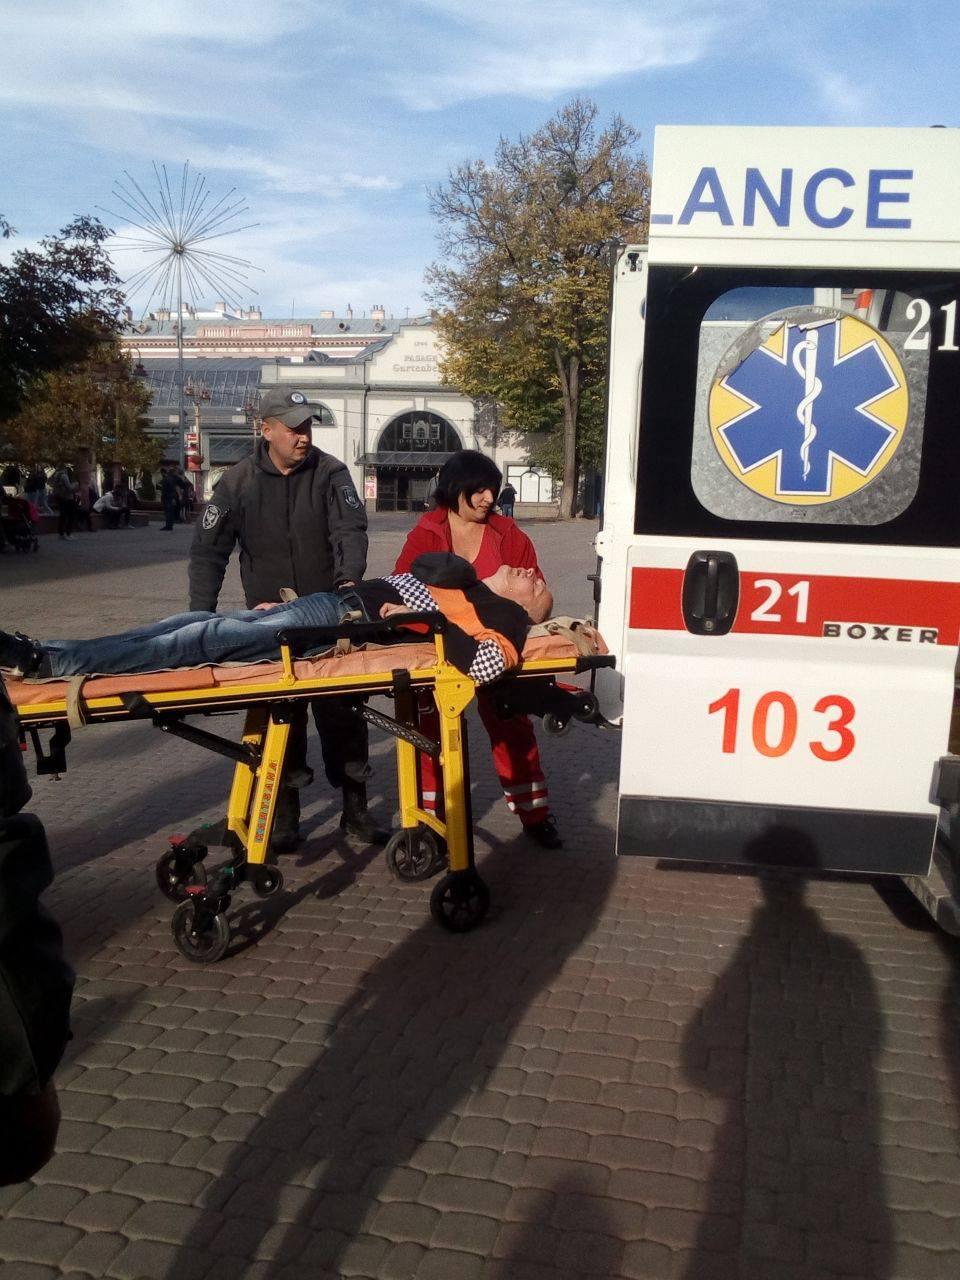 """У центрі міста """"муніципали"""" врятували чоловіка під час нападу епілепсії (ФОТО)"""